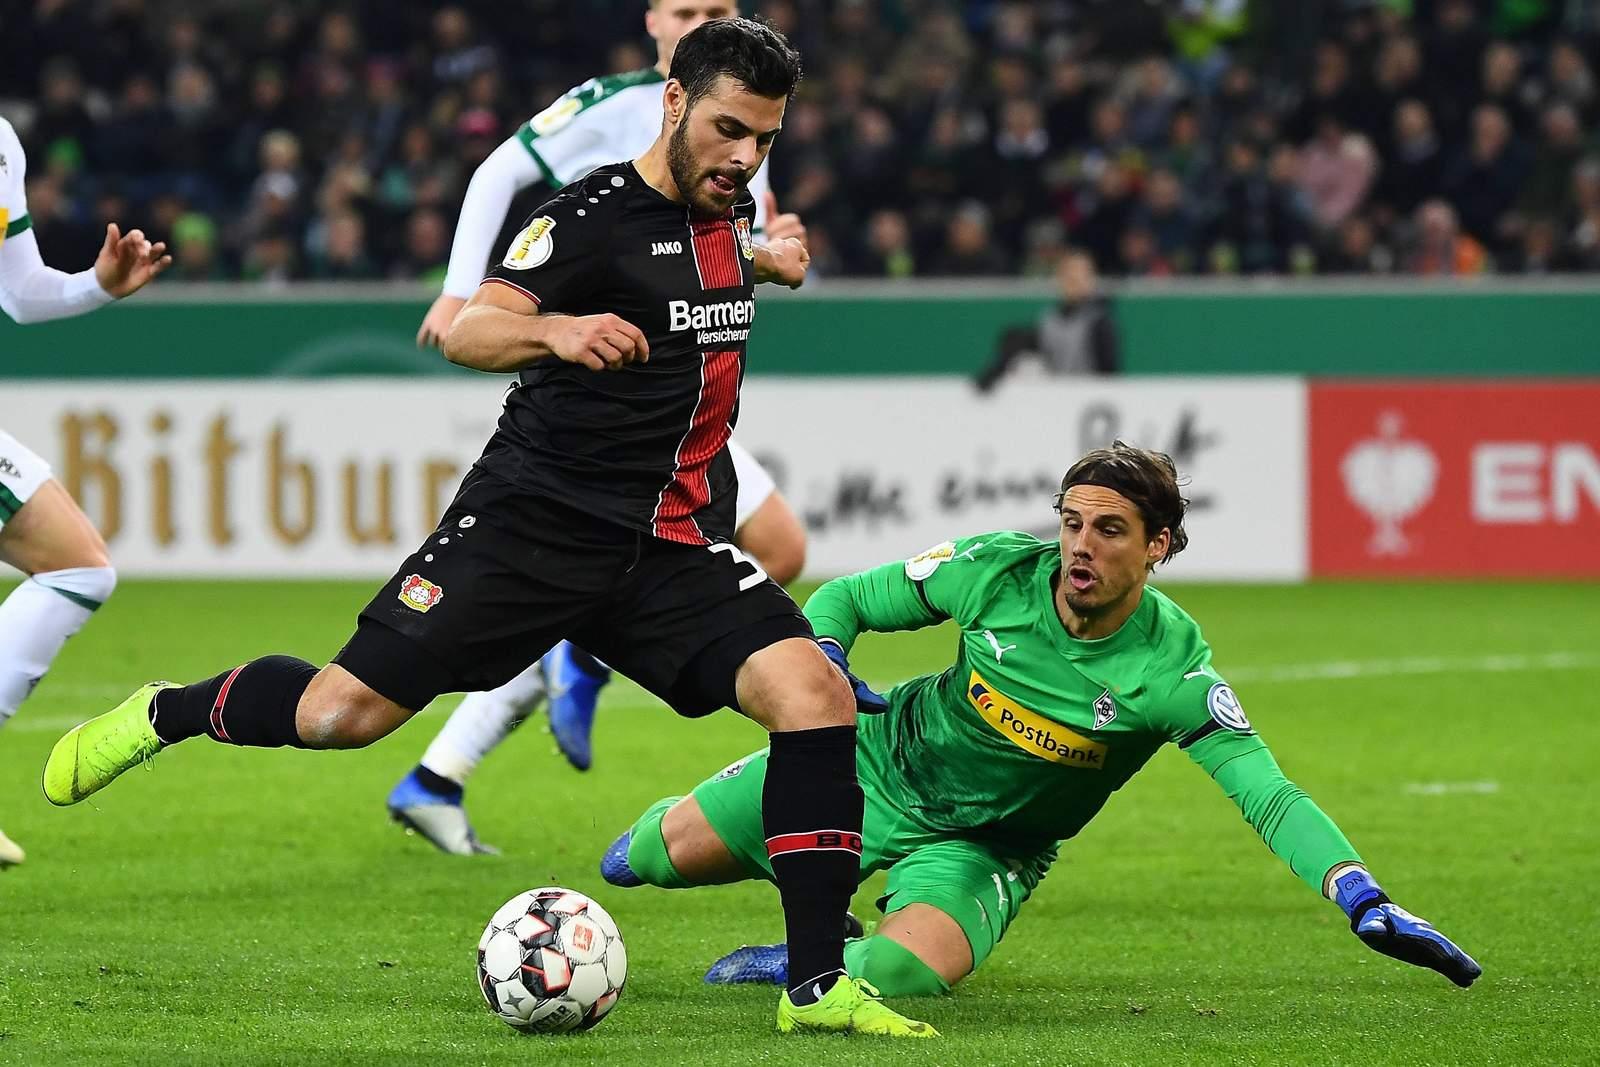 Trifft Volland wieder gegen Sommer? Jetzt auf Leverkusen gegen Gladbach wetten